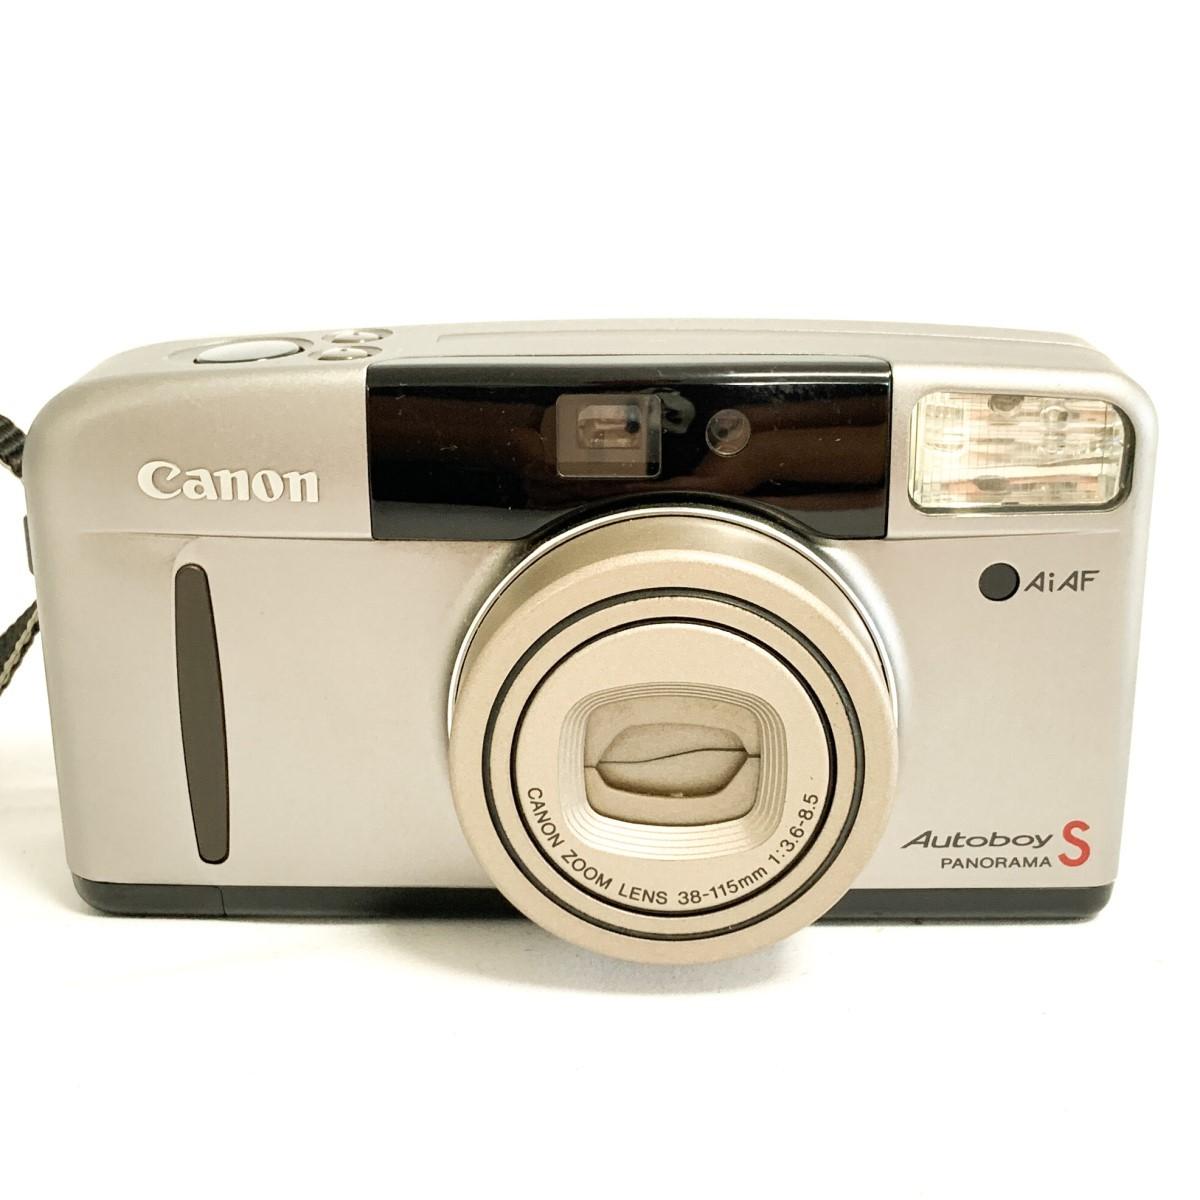 【極美品 完動品】Canon Autoboy S PANORAMA Ai AF 38-115mm 広角~望遠域レンズ パノラマ撮影 キャノン コンパクトフィルムカメラ C424_画像1